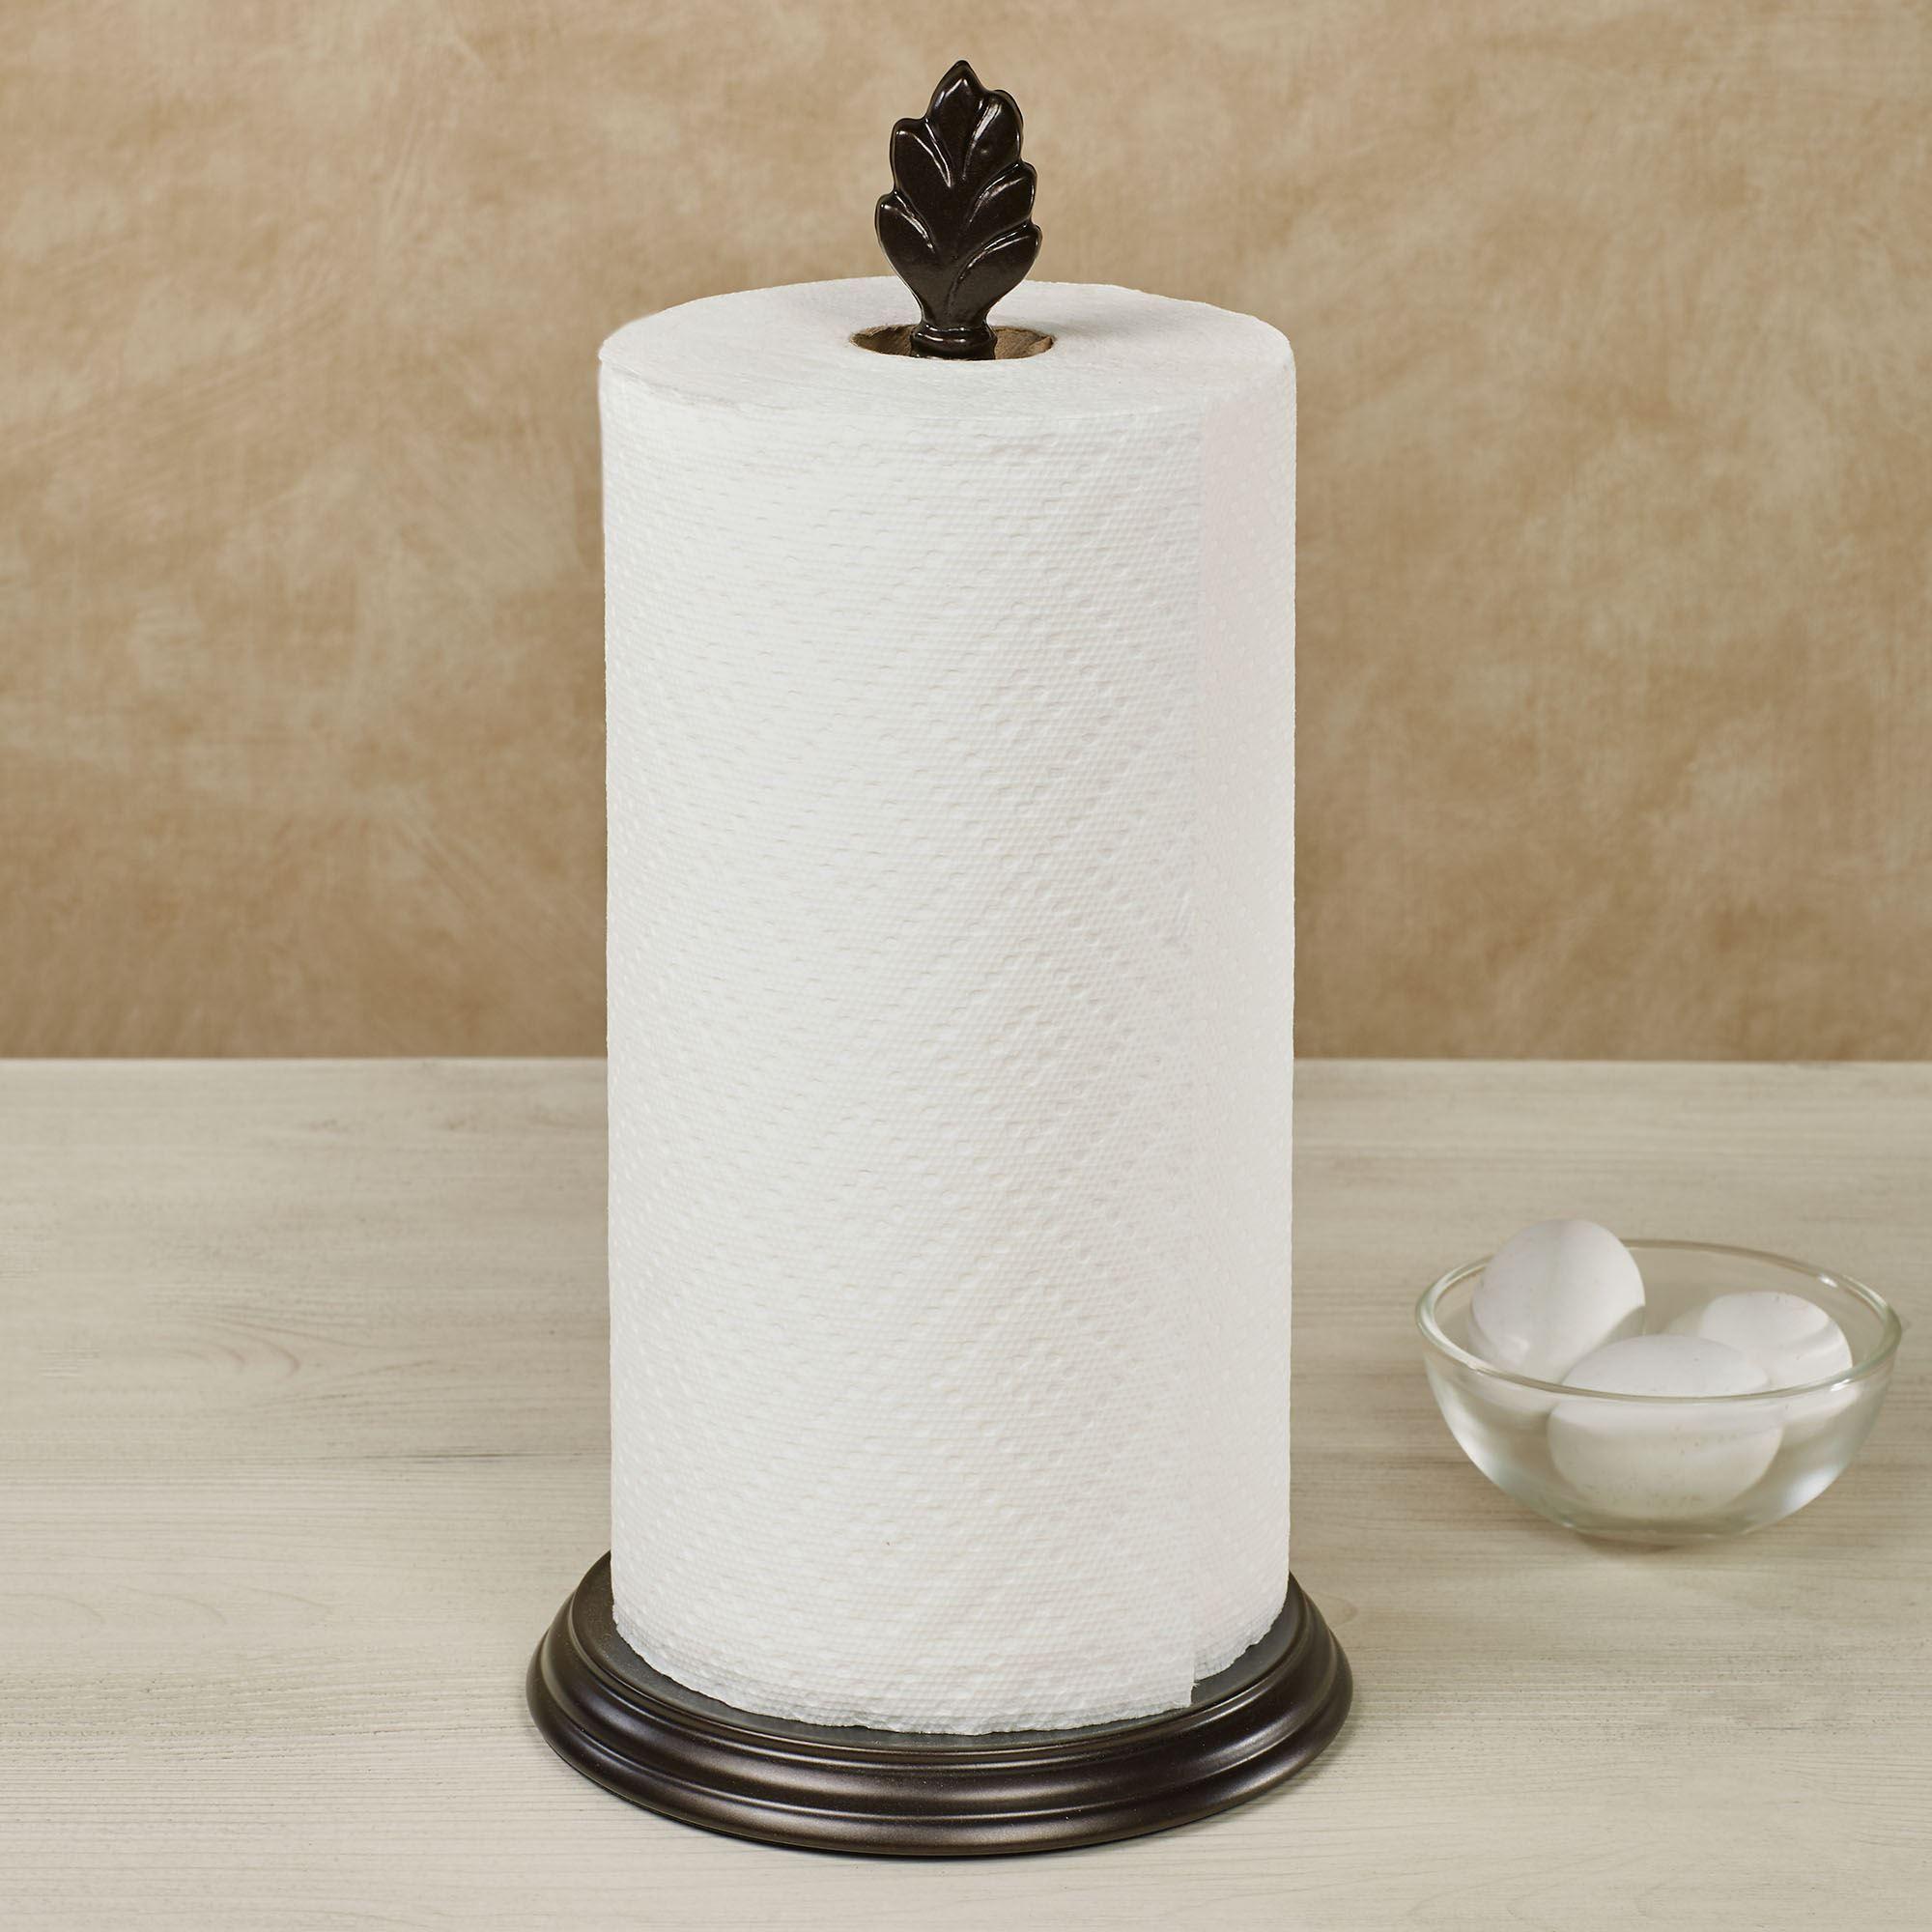 Bronze Leaf Metal Paper Towel Holder